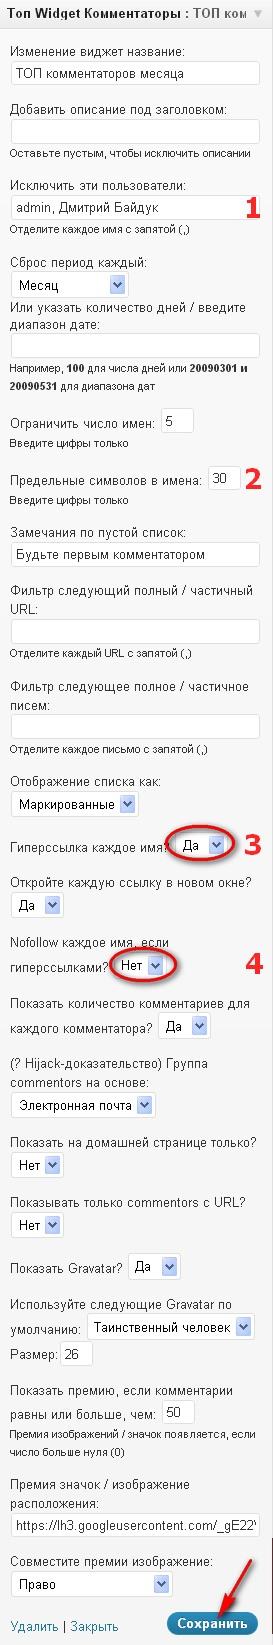 Топ комментаторов на русском